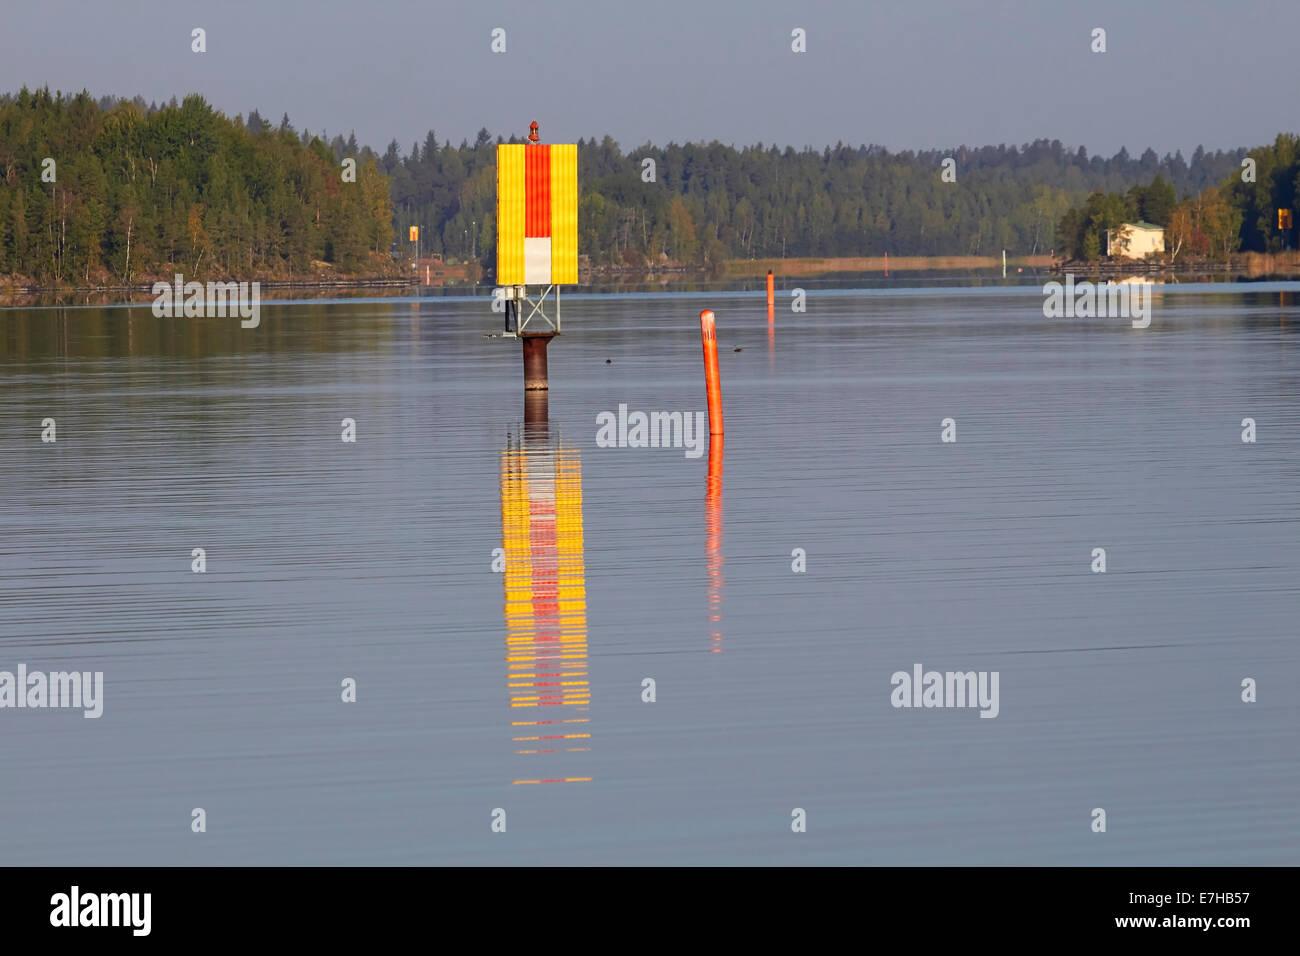 Navigation mark and buoys at lake Saimaa, Lappeenranta Finland - Stock Image